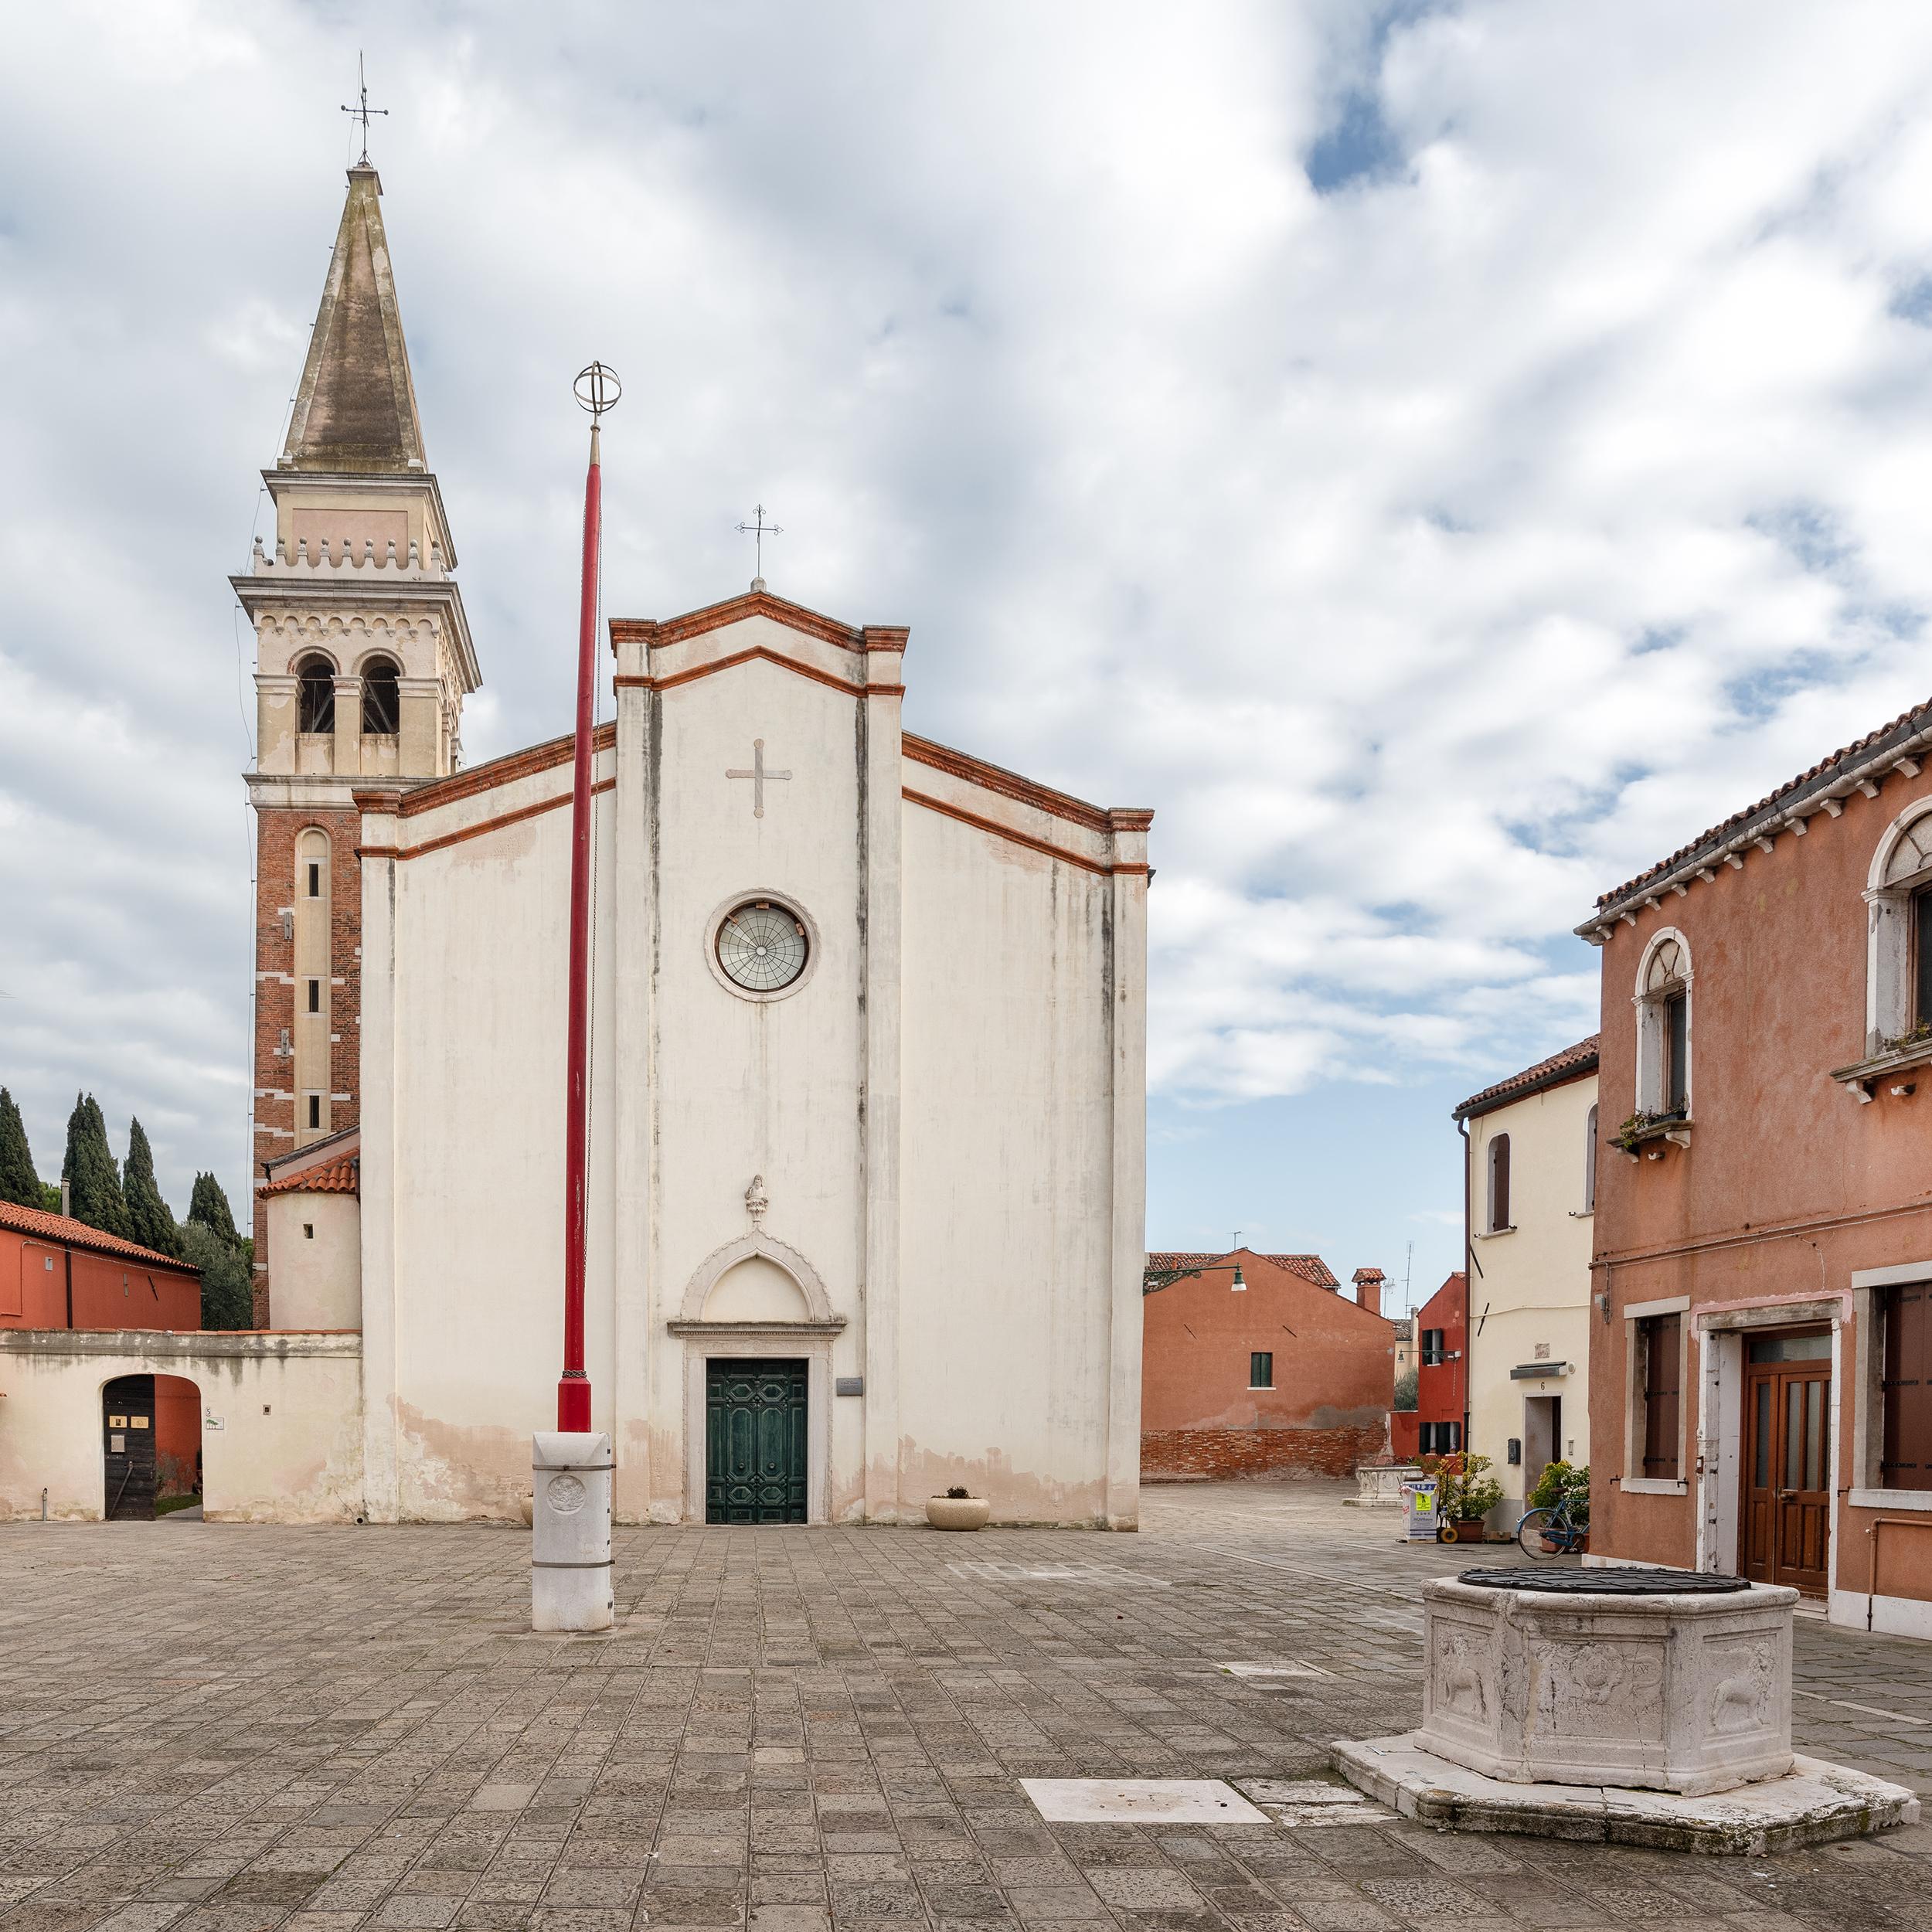 Santa Maria Assunta, Lido (Malamocco).